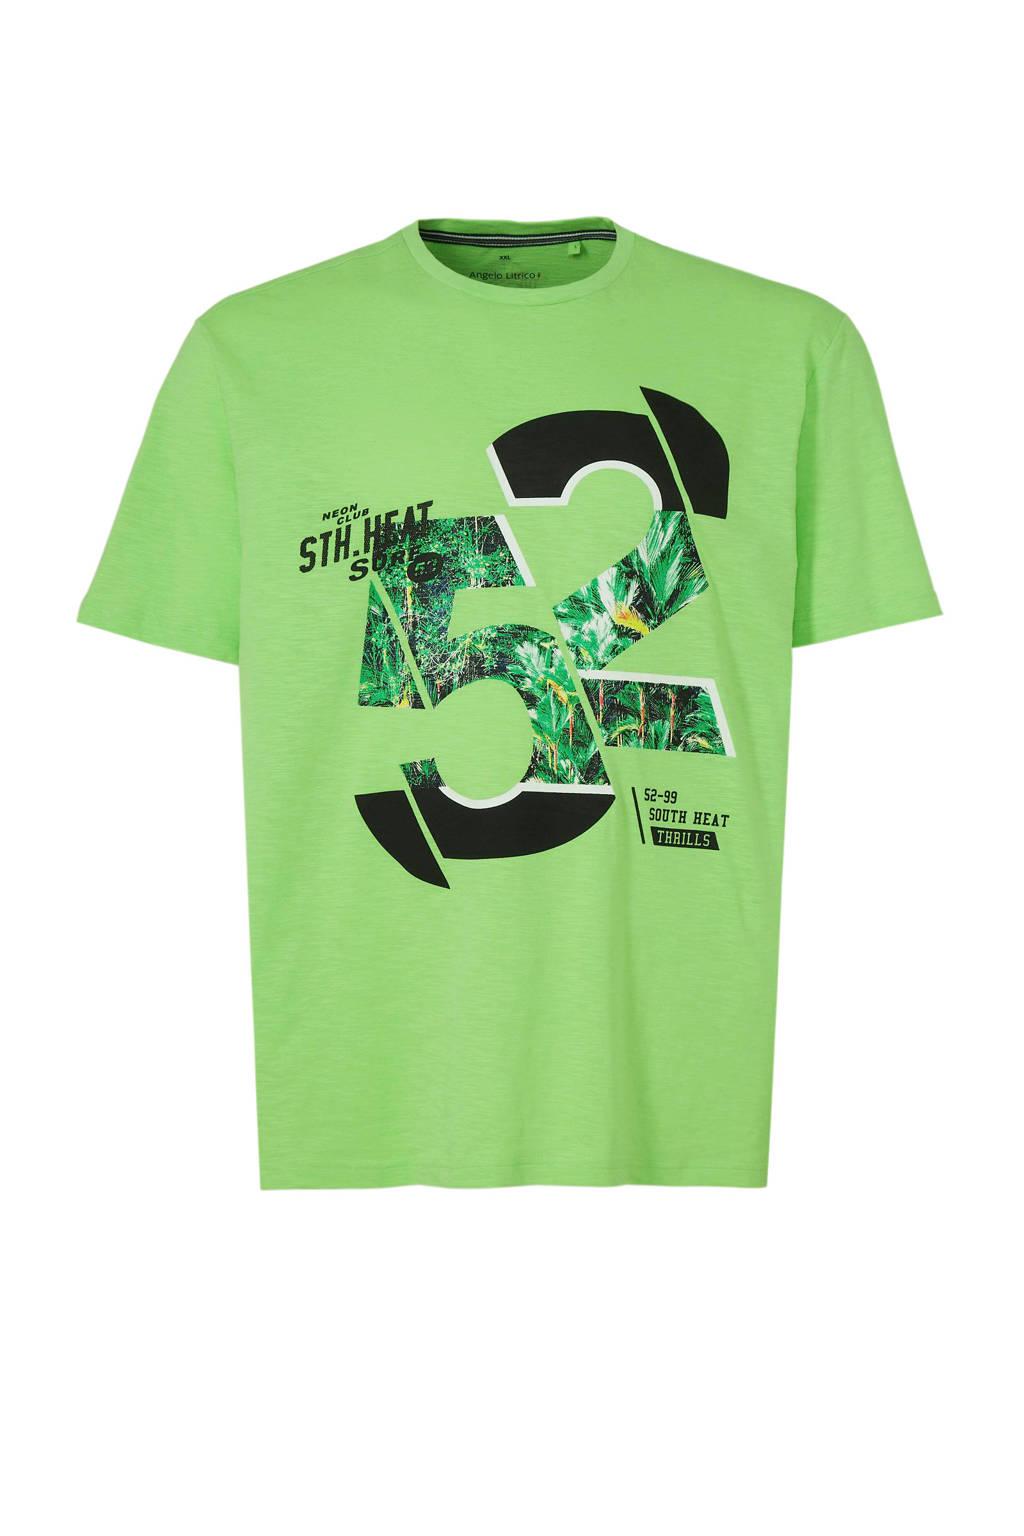 C&A XL Angelo Litrico T-shirt met printopdruk, Lichtgroen